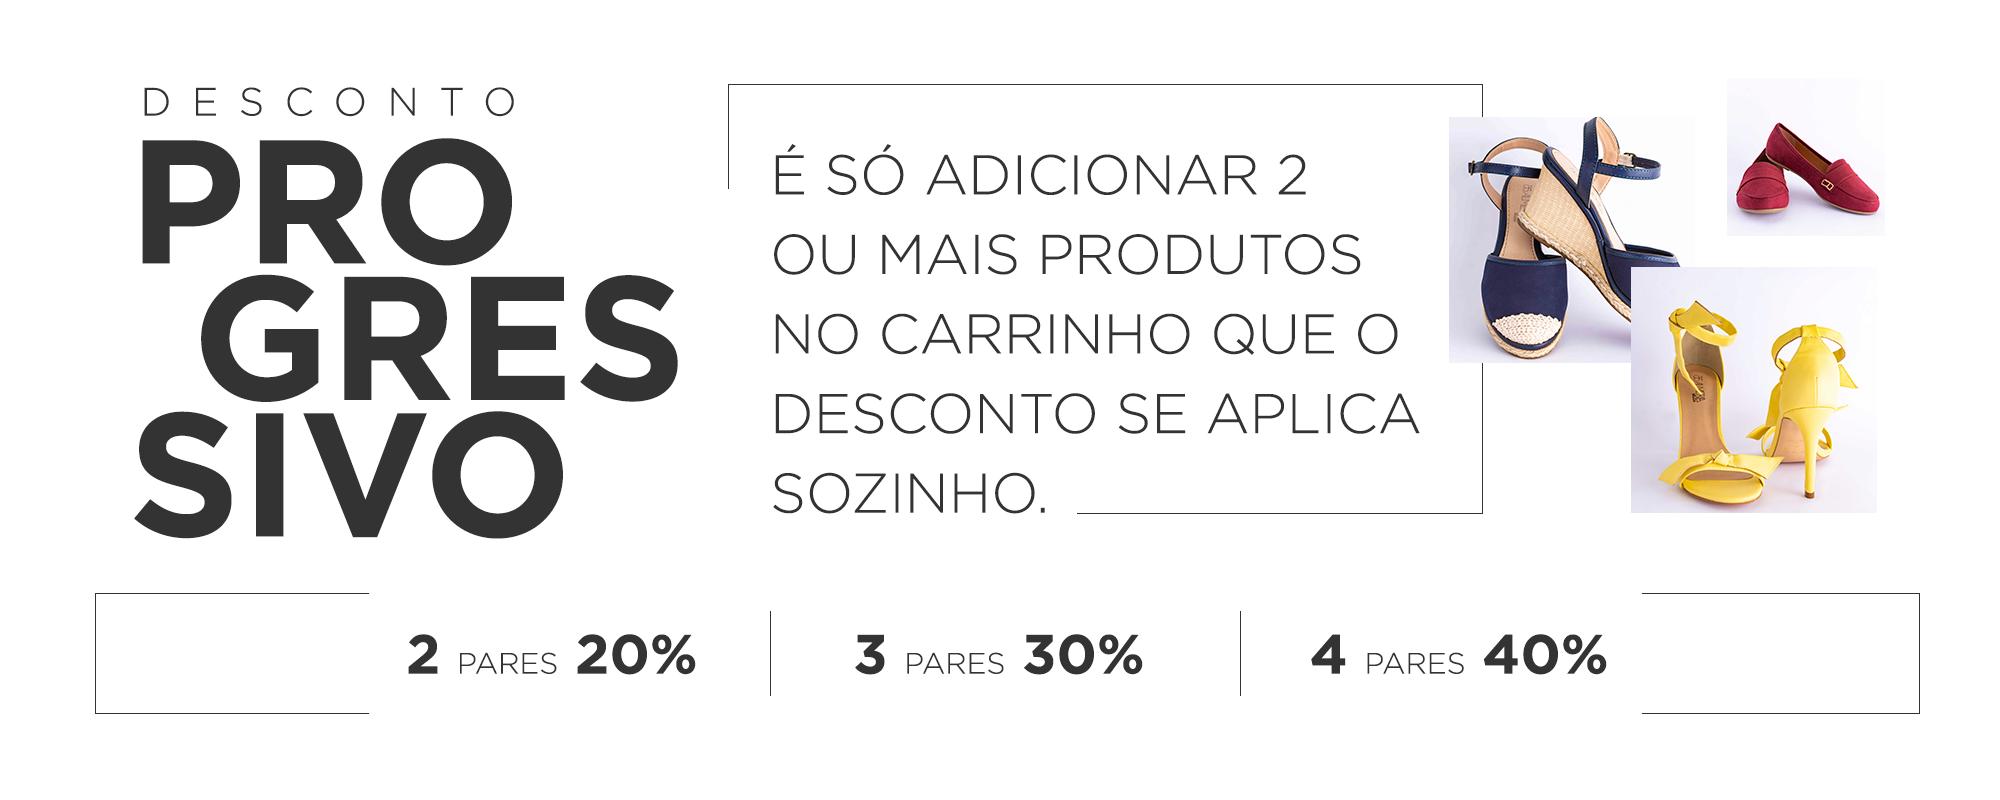 2 por 20%